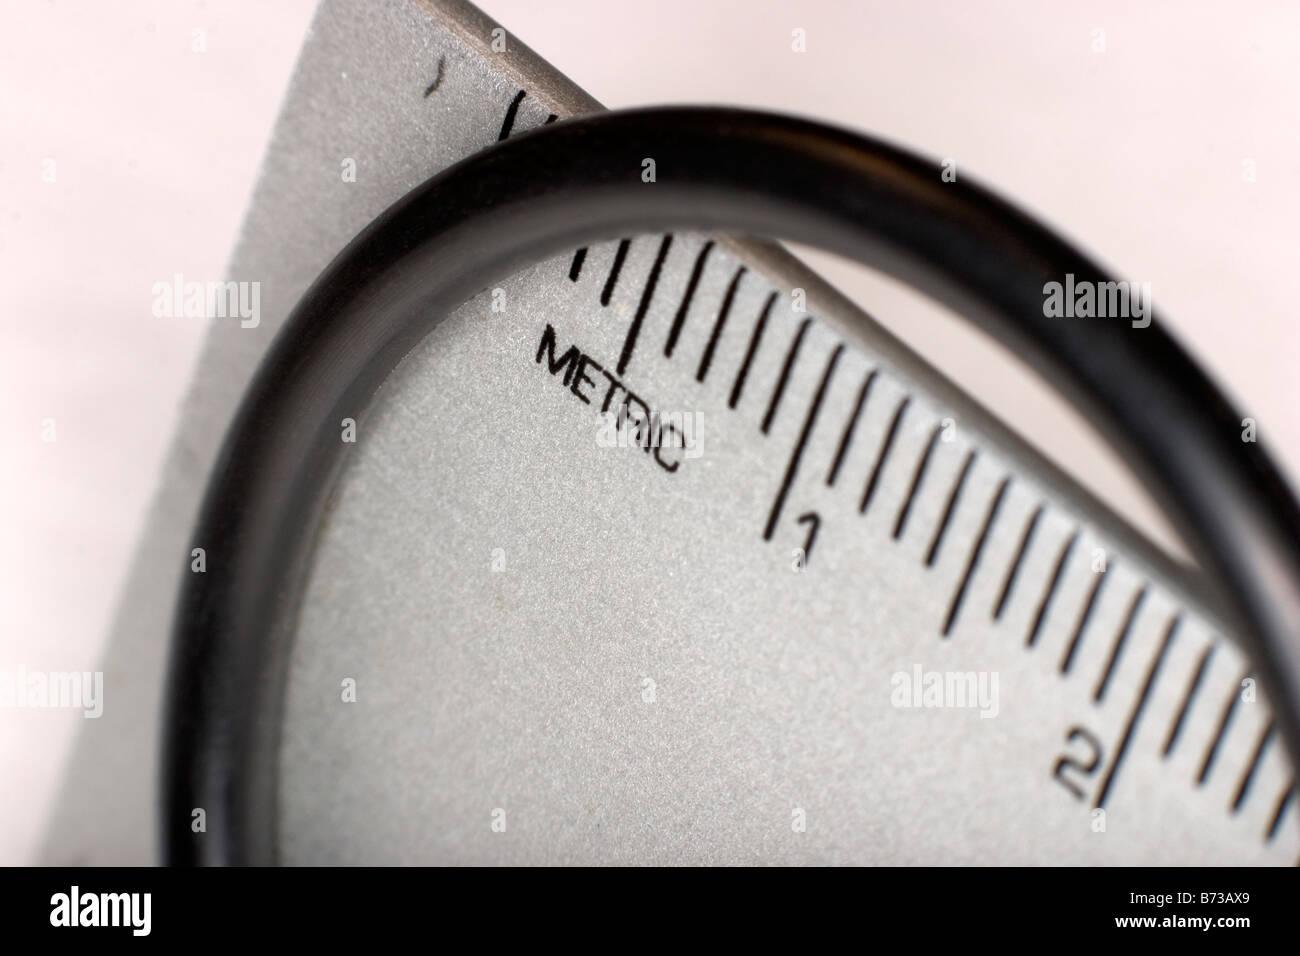 Metric O Ring - Stock Image